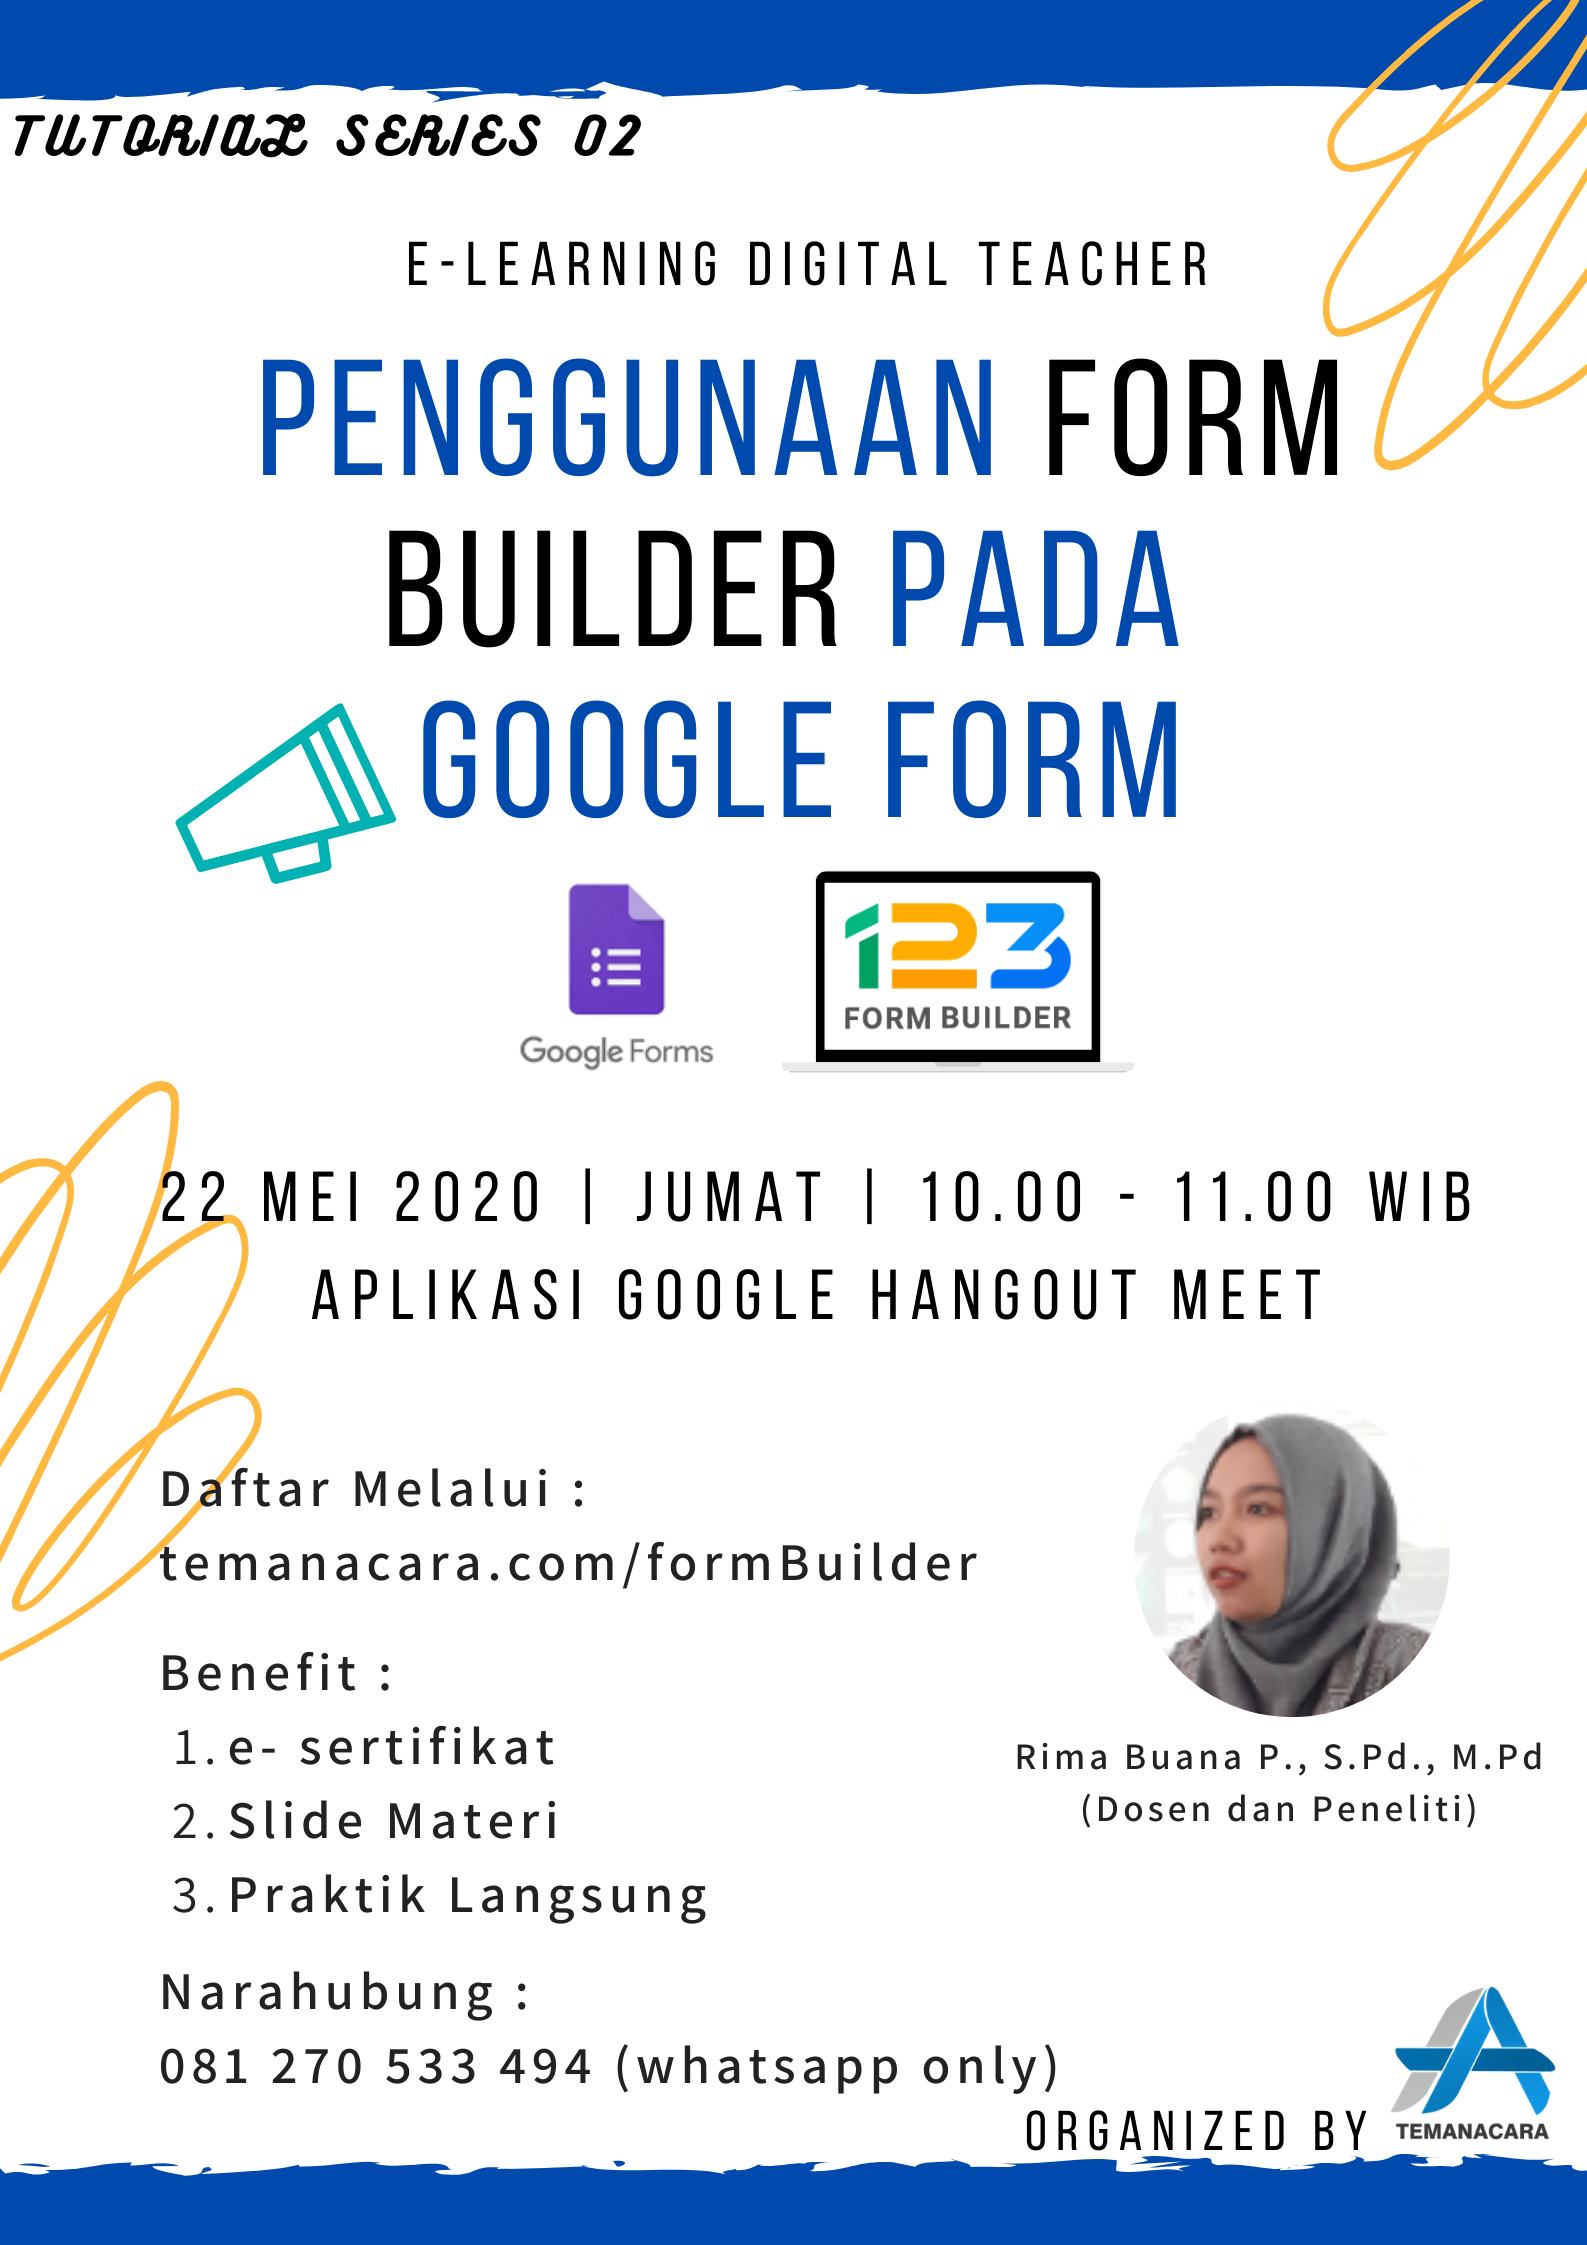 Penggunaan Form Builder Pada Google Form